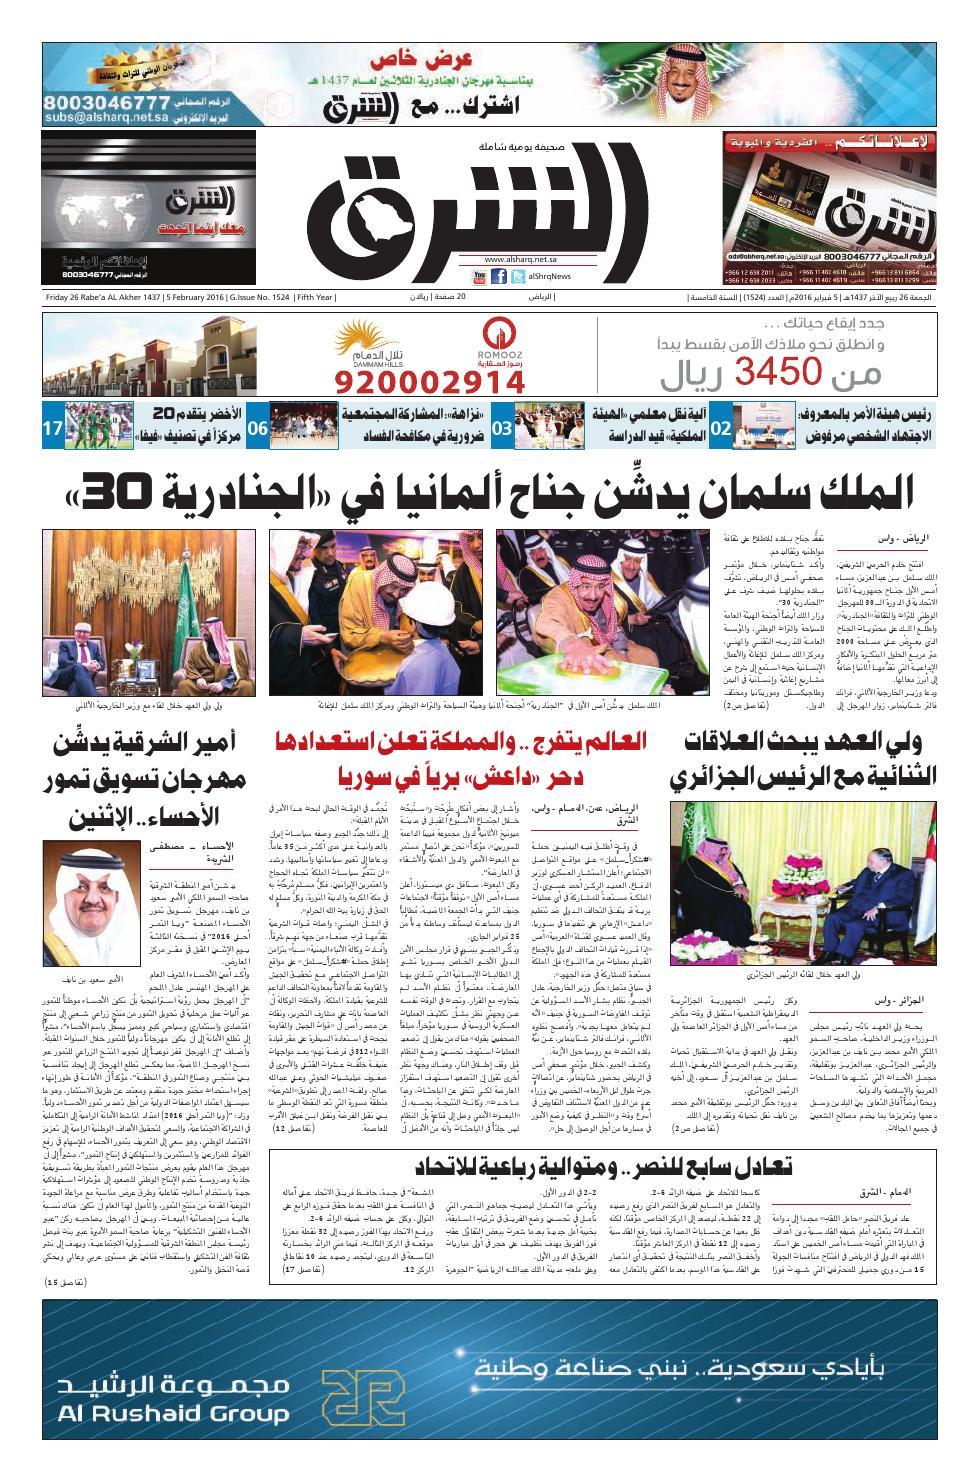 f69becb064336 صحيفة الشرق - العدد 1524 - نسخة الرياض by صحيفة الشرق السعودية - issuu